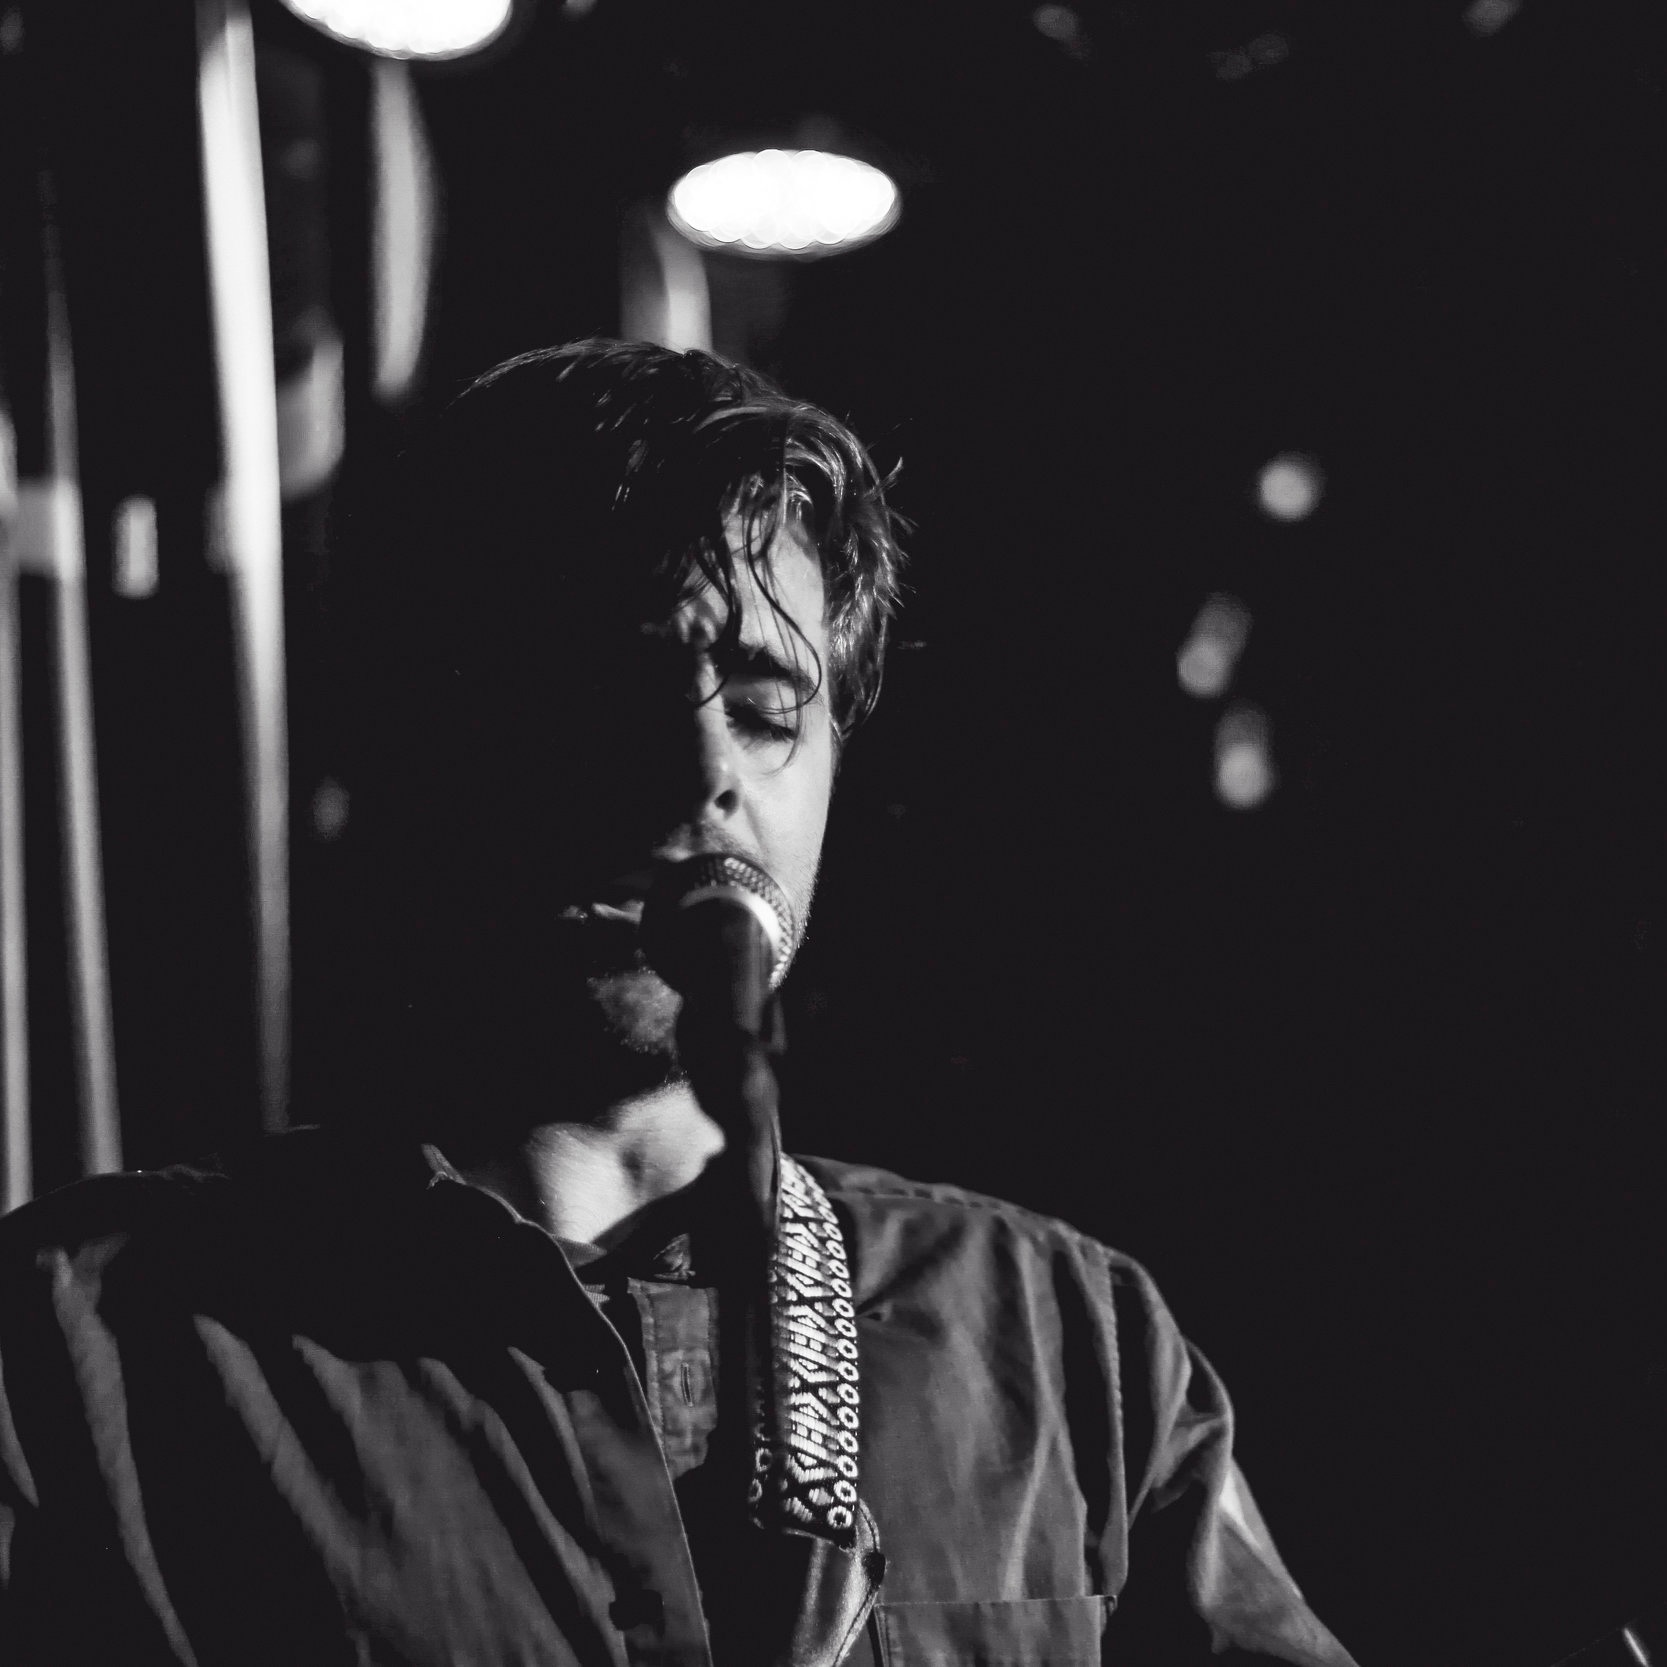 Will Davis - WORKSHOP /// FESTIVALSAT, BLUE MOON, LAFAYETTE TRAVEL MAIN STAGE, 4 PM